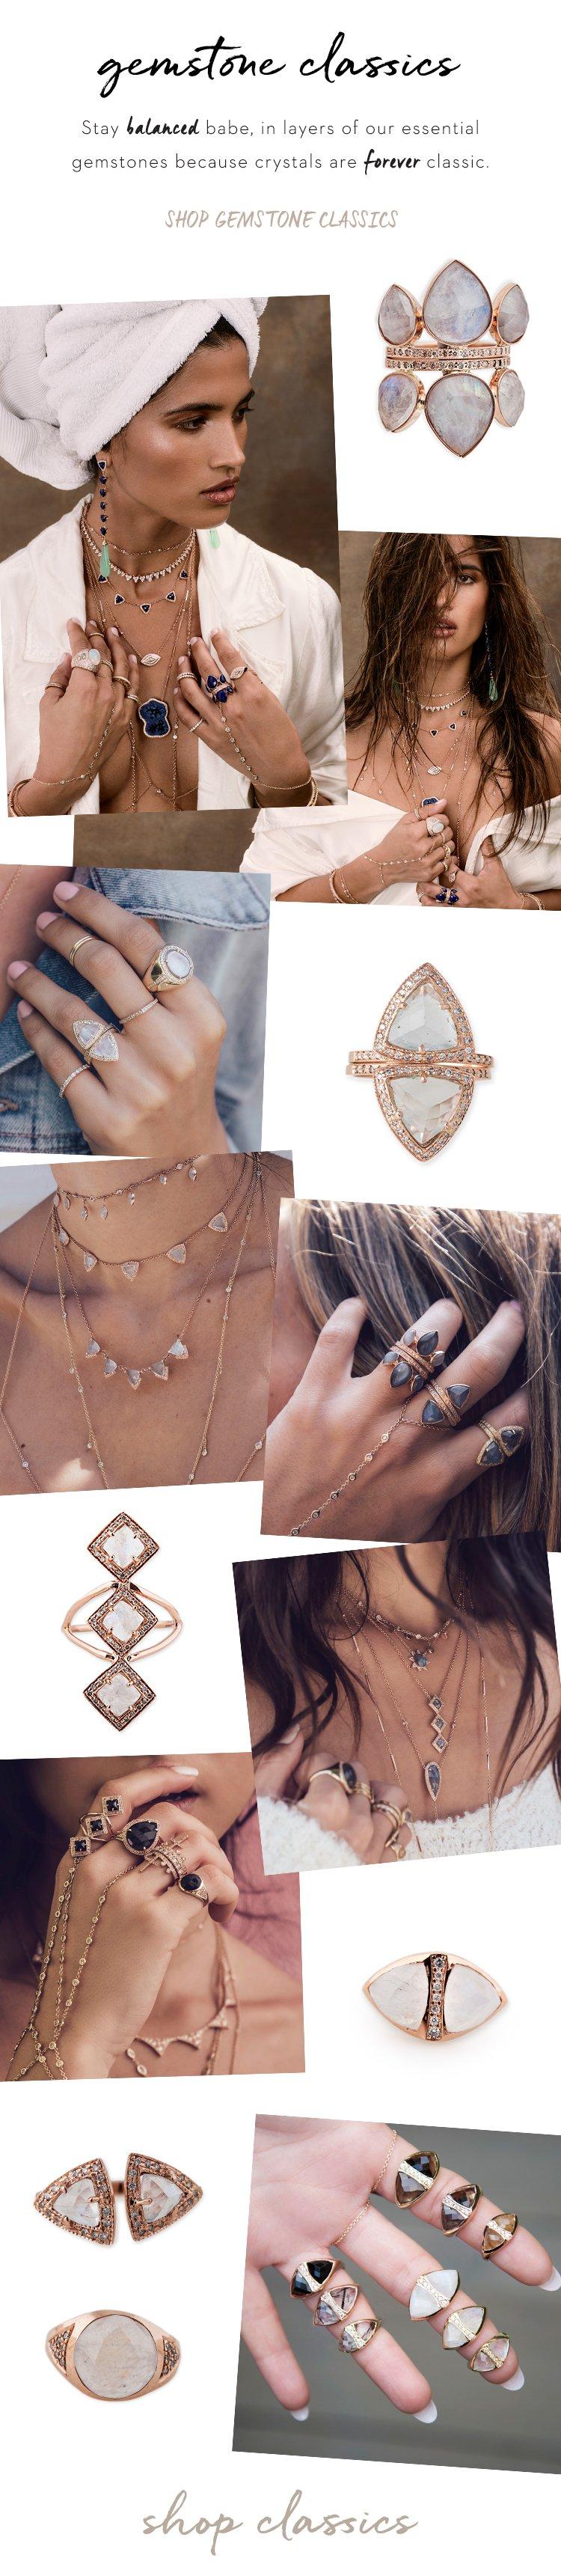 gemstone classics